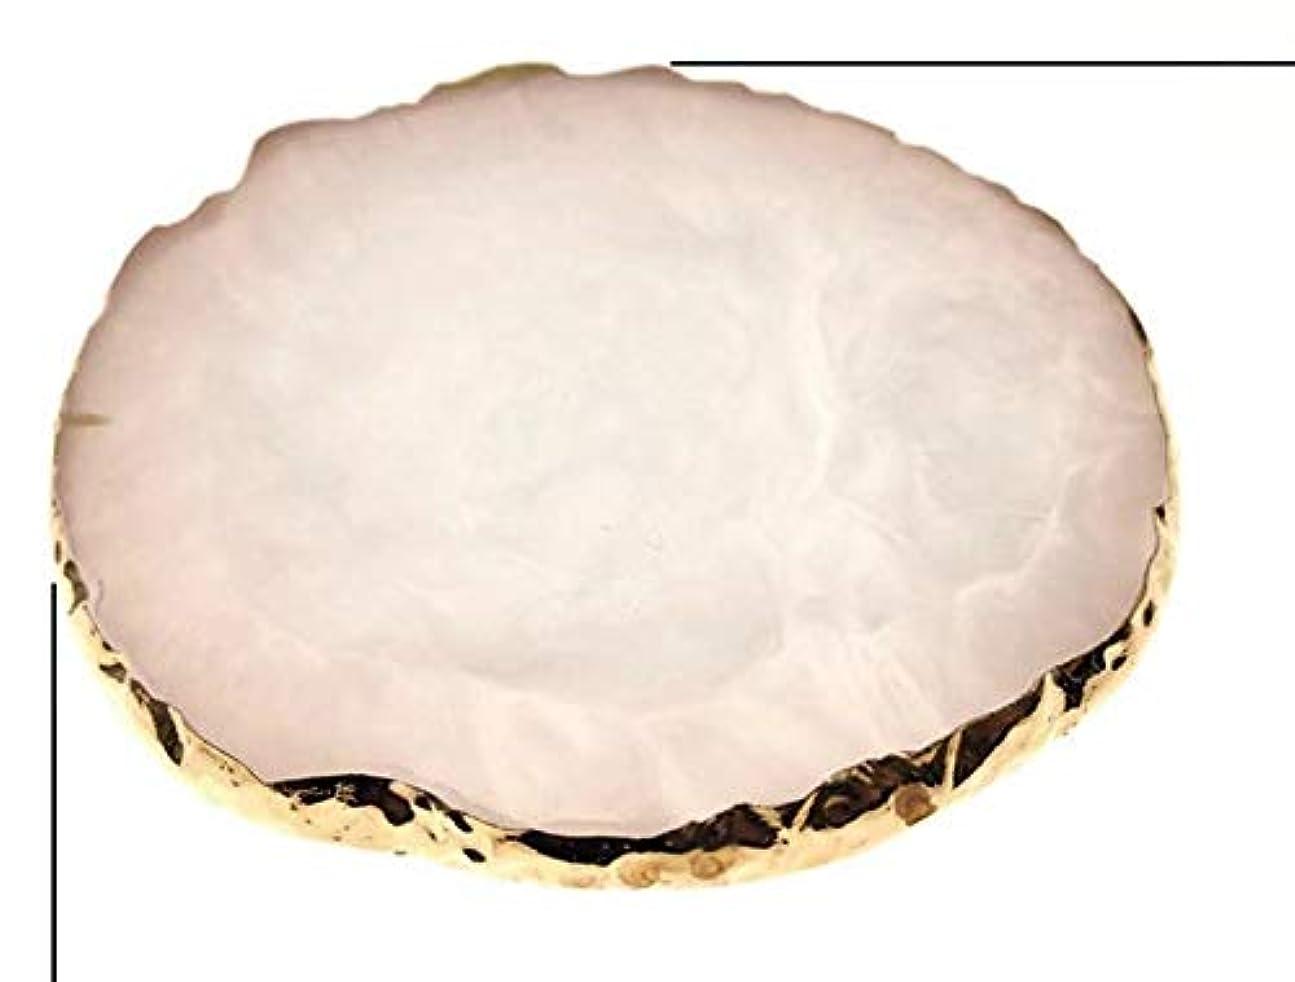 首尾一貫したタイプ必要ないGlitter Powderジェルネイル ホワイト ネイル ジェルネイル パレット プレート ディスプレイ 天然石風 展示用 アゲートプレート デコ アクセサリー ジェルネイル (ホワイト)